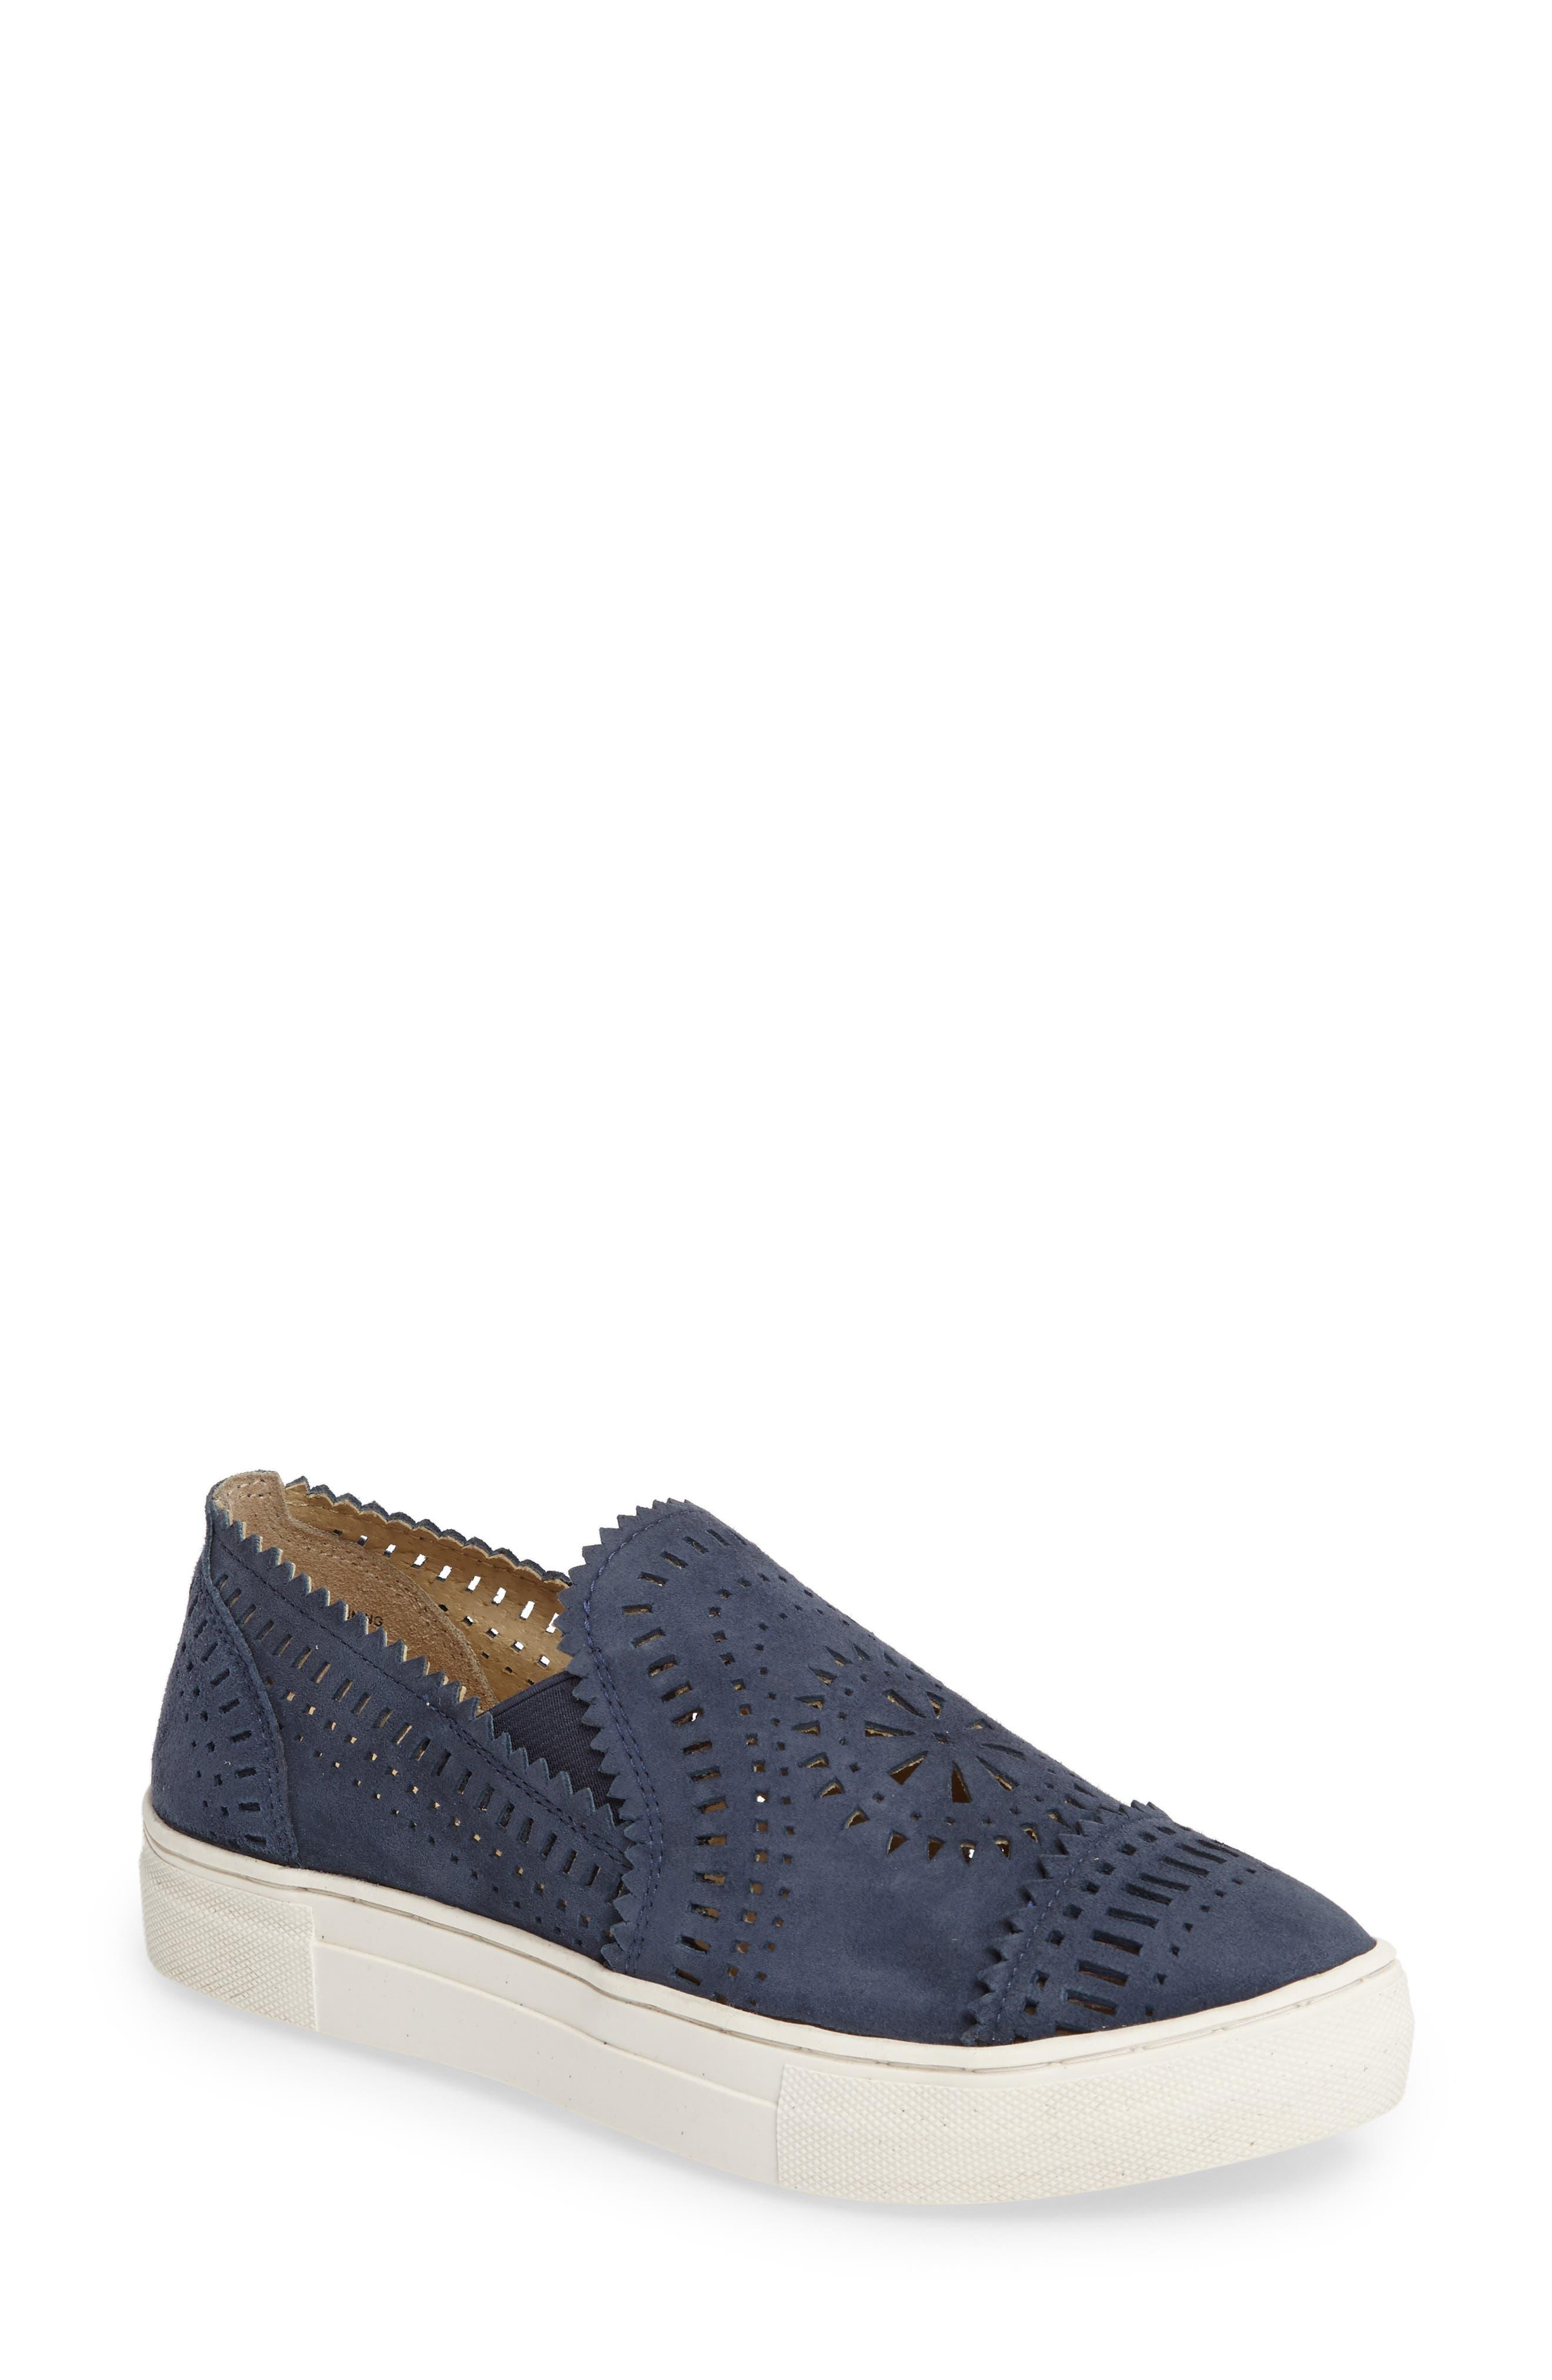 SEYCHELLES So Nice Slip-On Sneaker